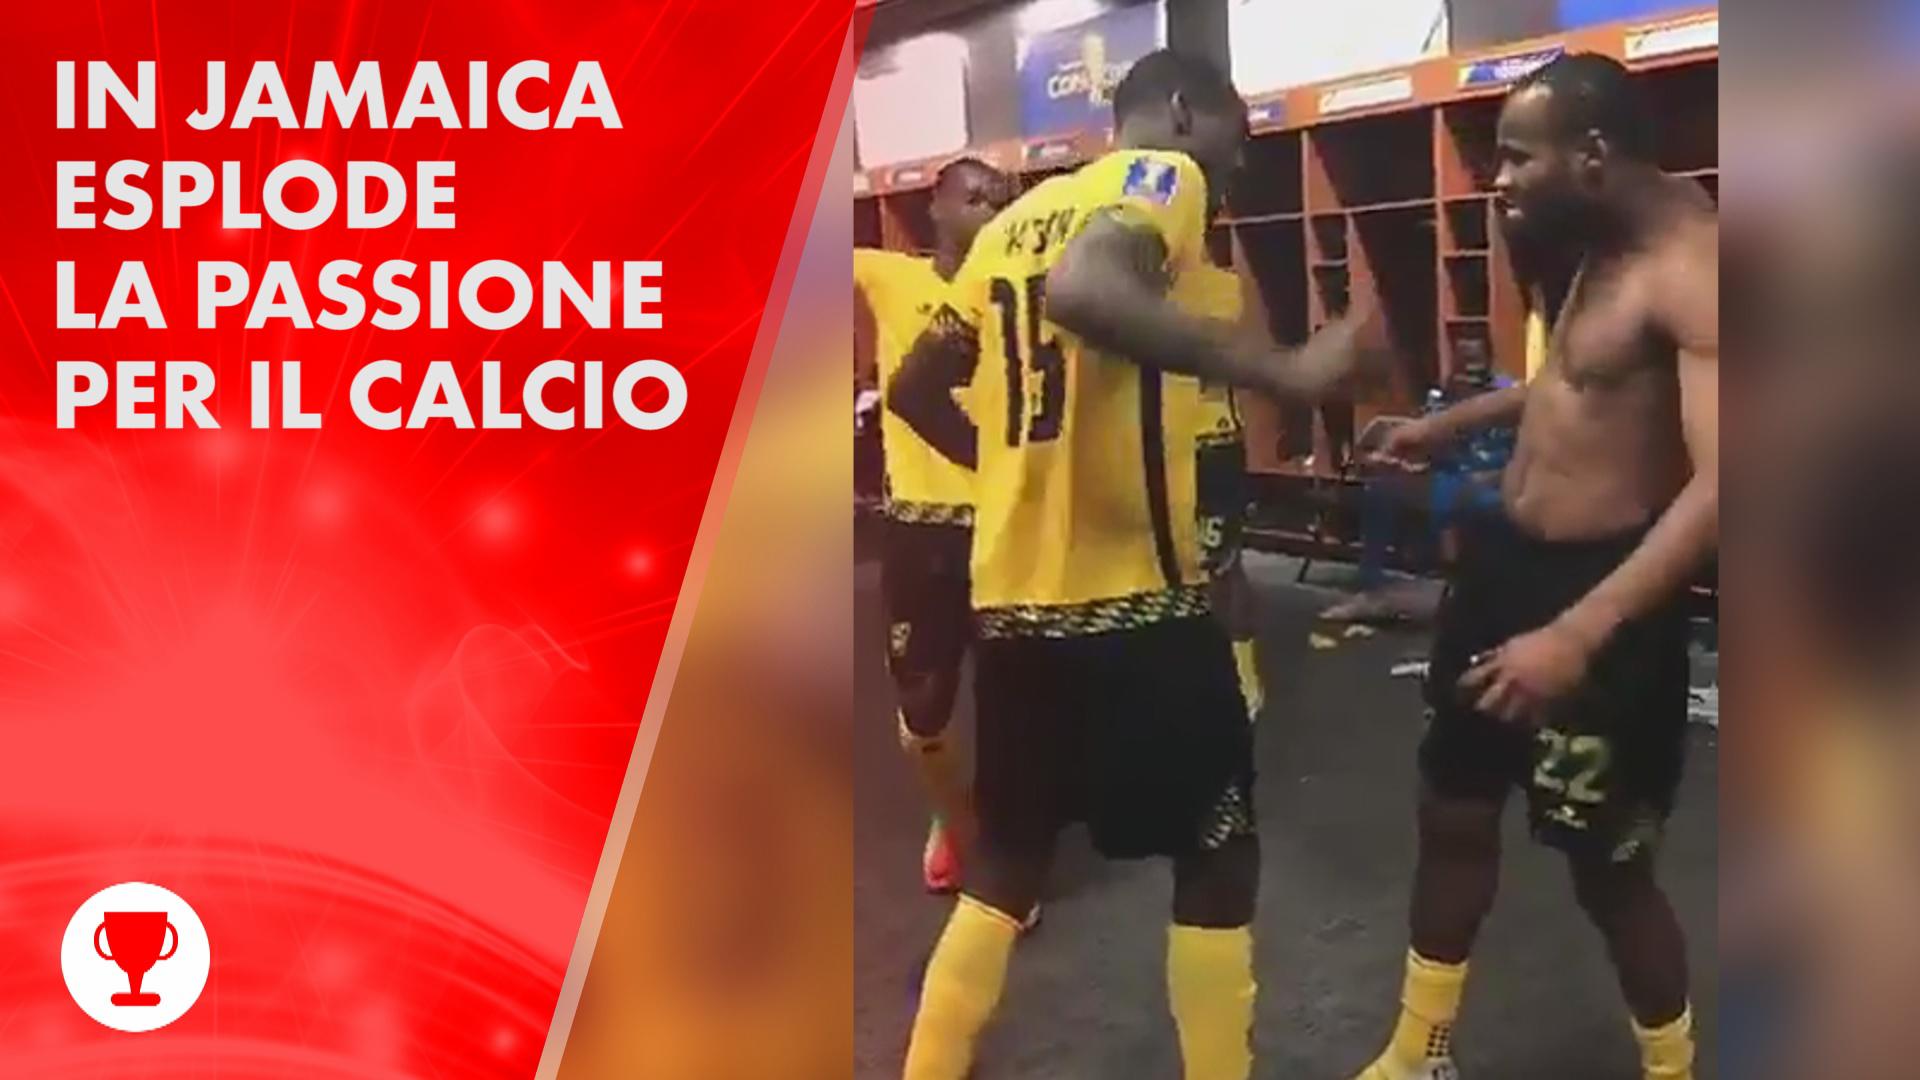 Stupefacente risultato per il calcio jamaicano